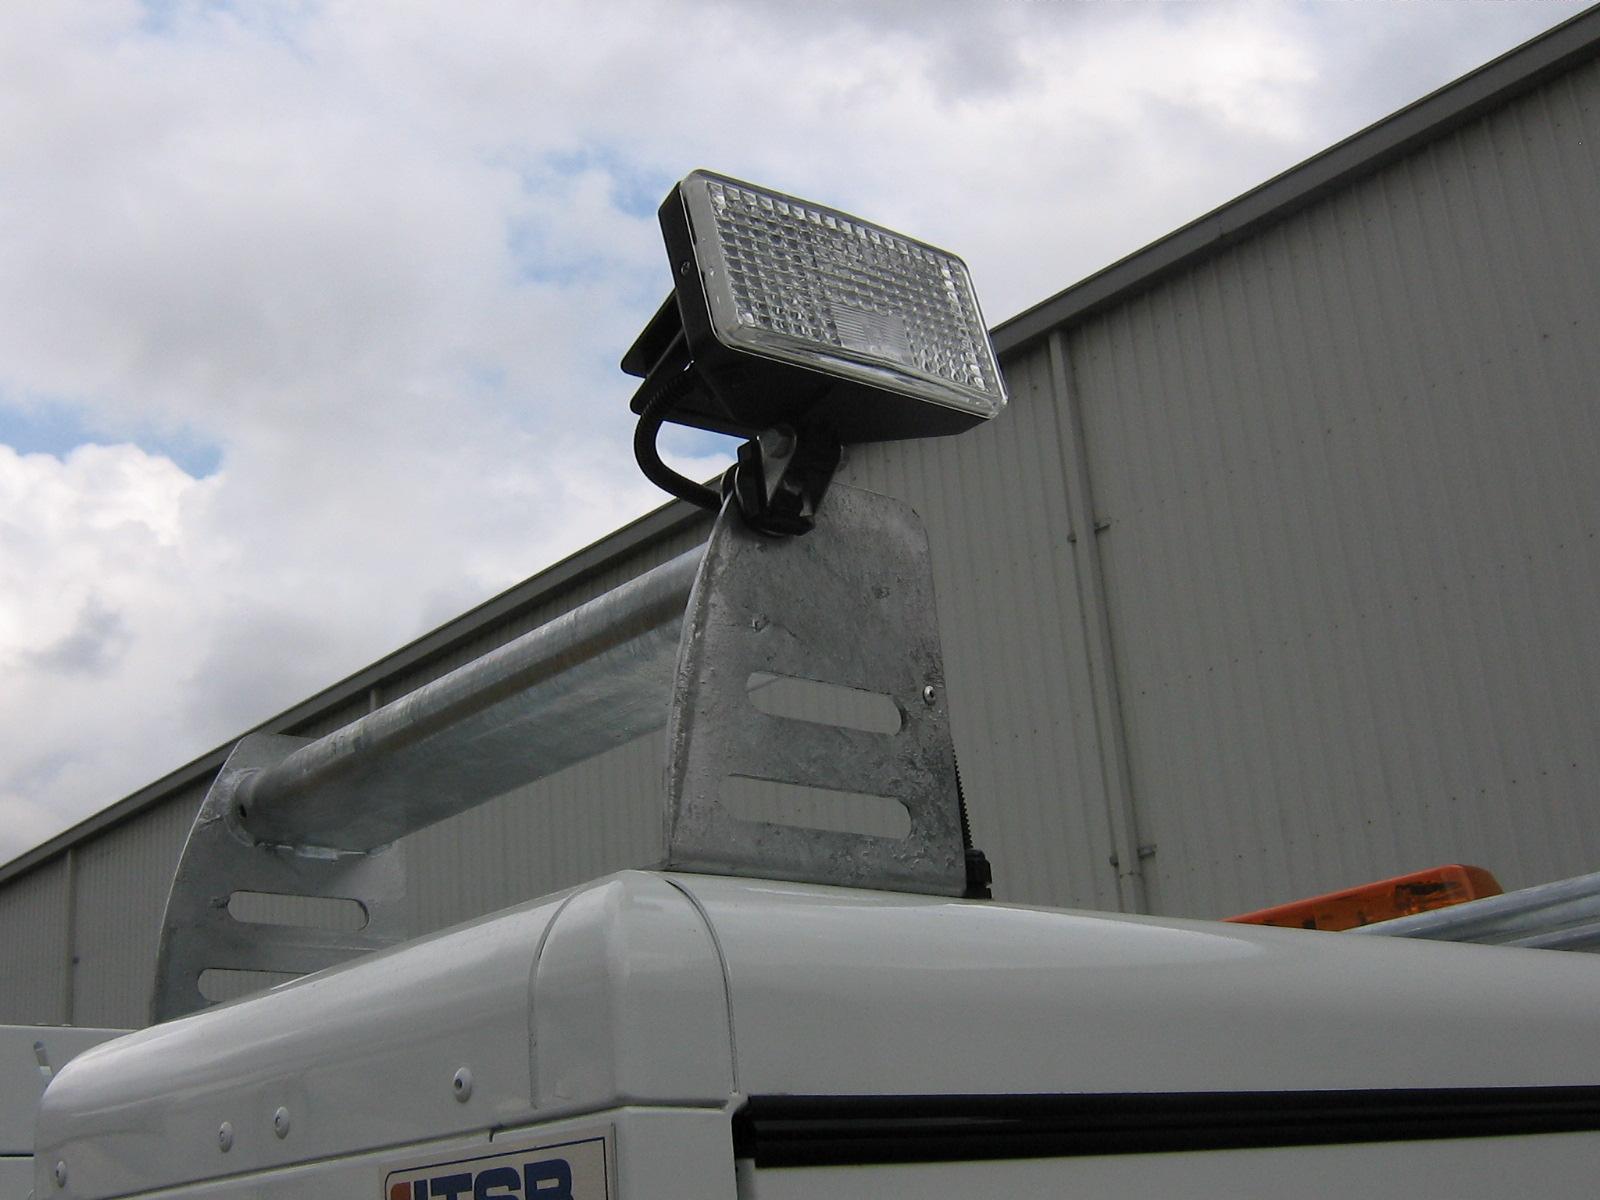 led flood light - single wide beam